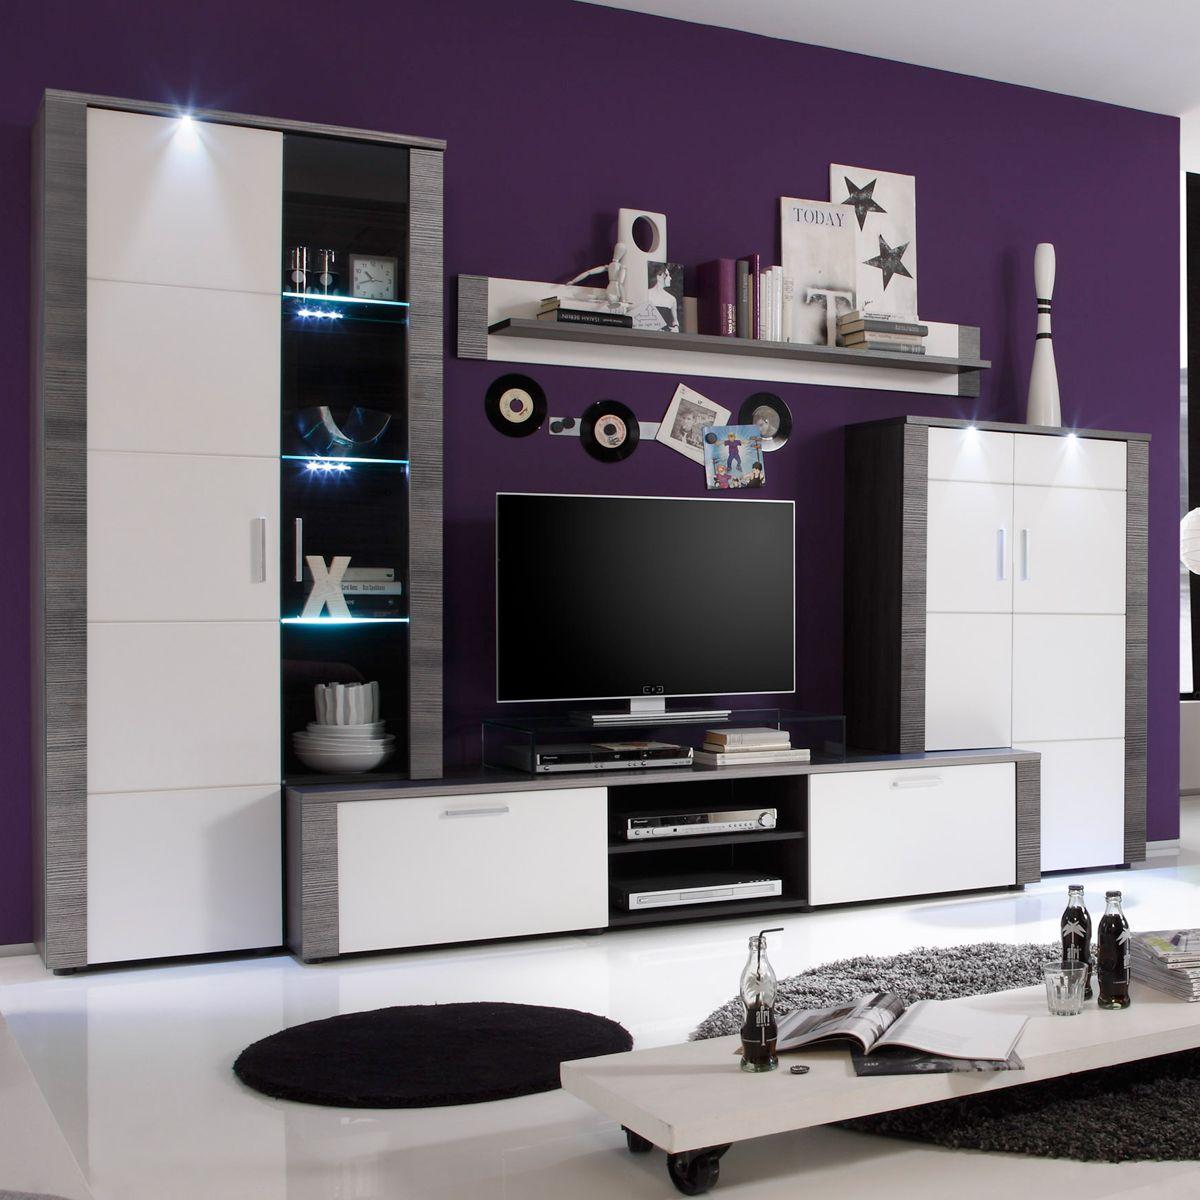 Ebay Angebot Wohnwand Wohnzimmer Anbauwand Xpress In Esche Grau Weiß Mit  BeleuchtungIhr QuickBerater Pictures Gallery